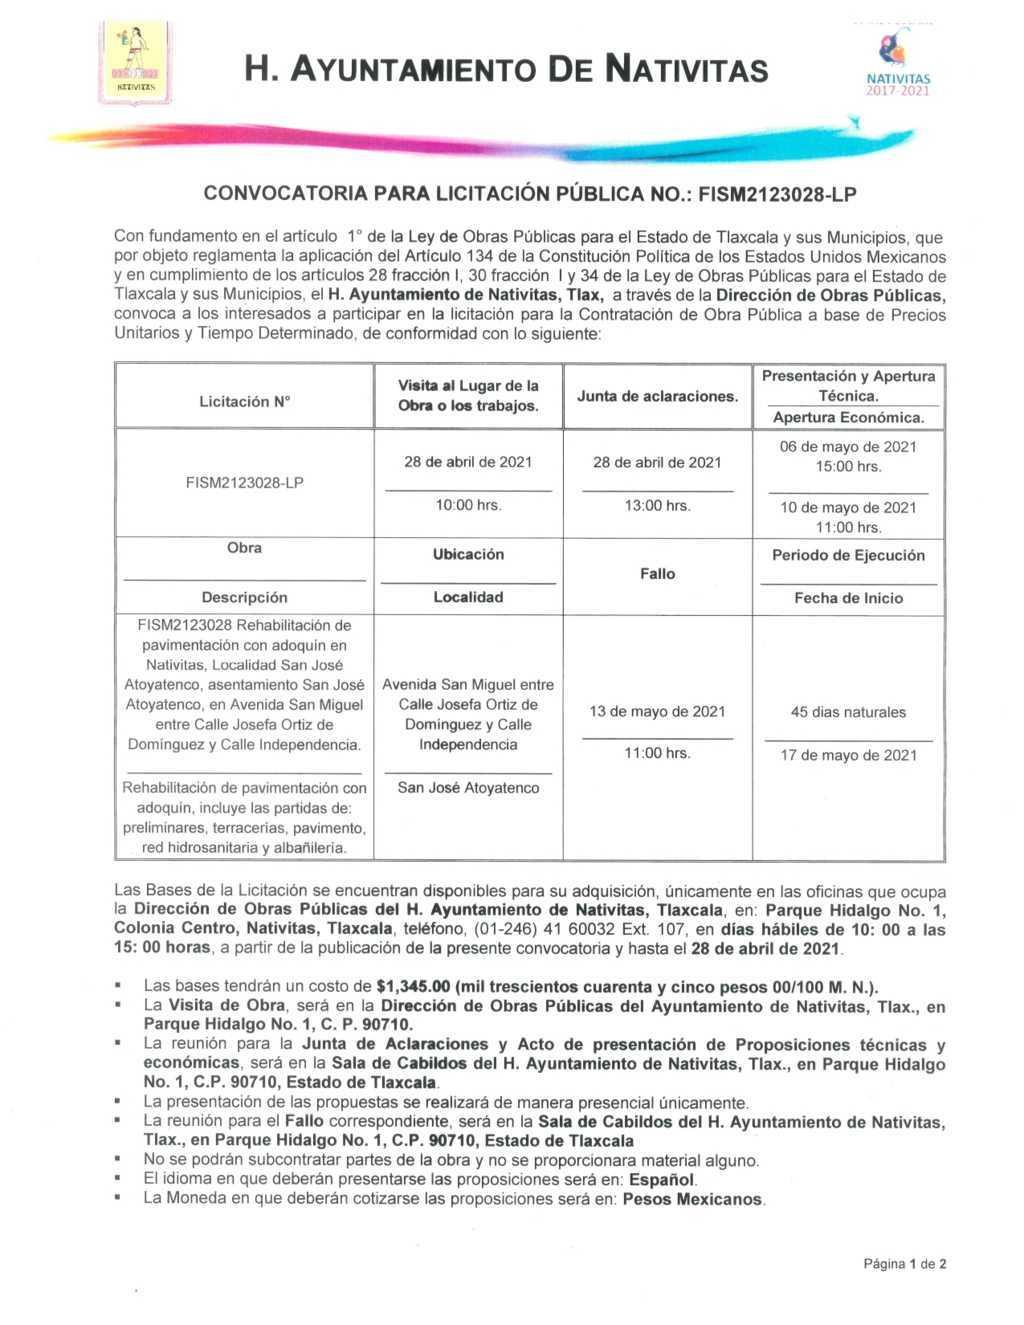 El Ayuntamiento de Nativitas lanza licitación para la rehabilitación de pavimento